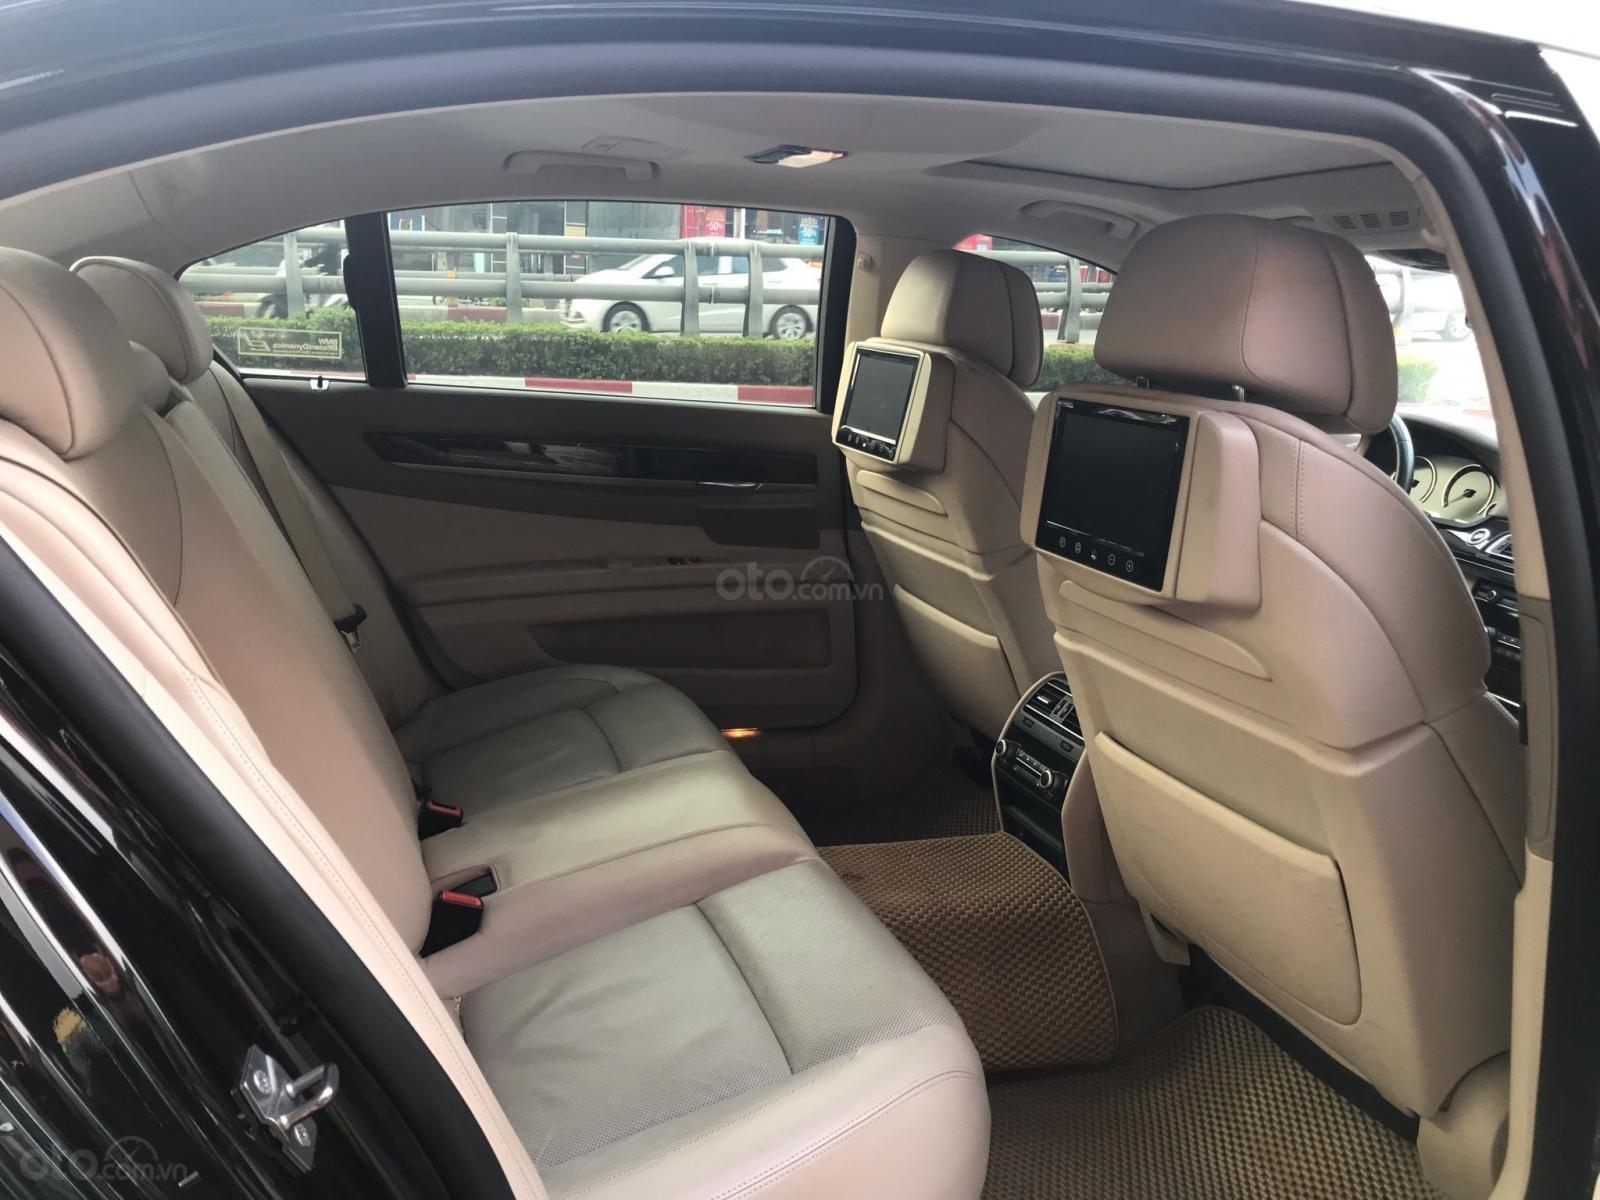 Cần bán BMW 750Li 2009 ĐK lần đầu 2015 xe nhập khẩu Đức - Liên hệ 0985028888 (4)